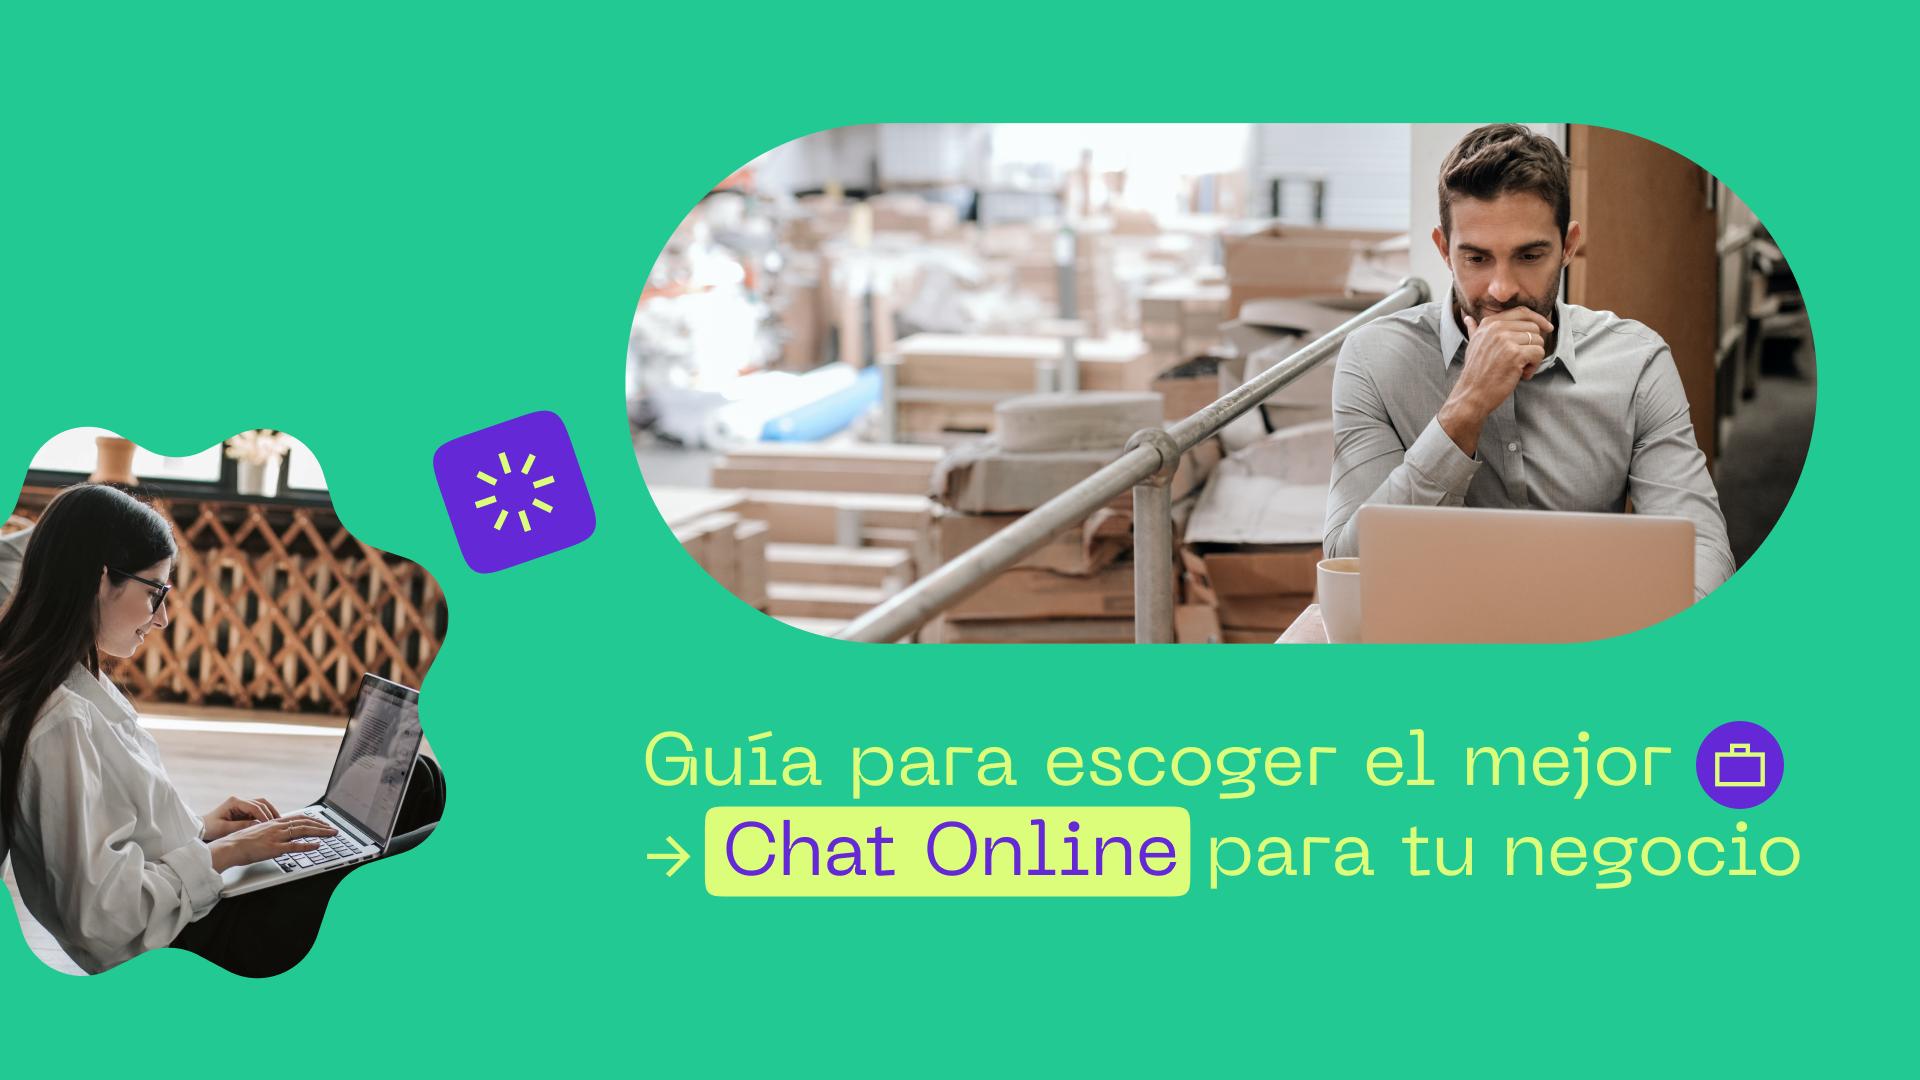 Guía para escoger el mejor ChatOnline para tu negocio